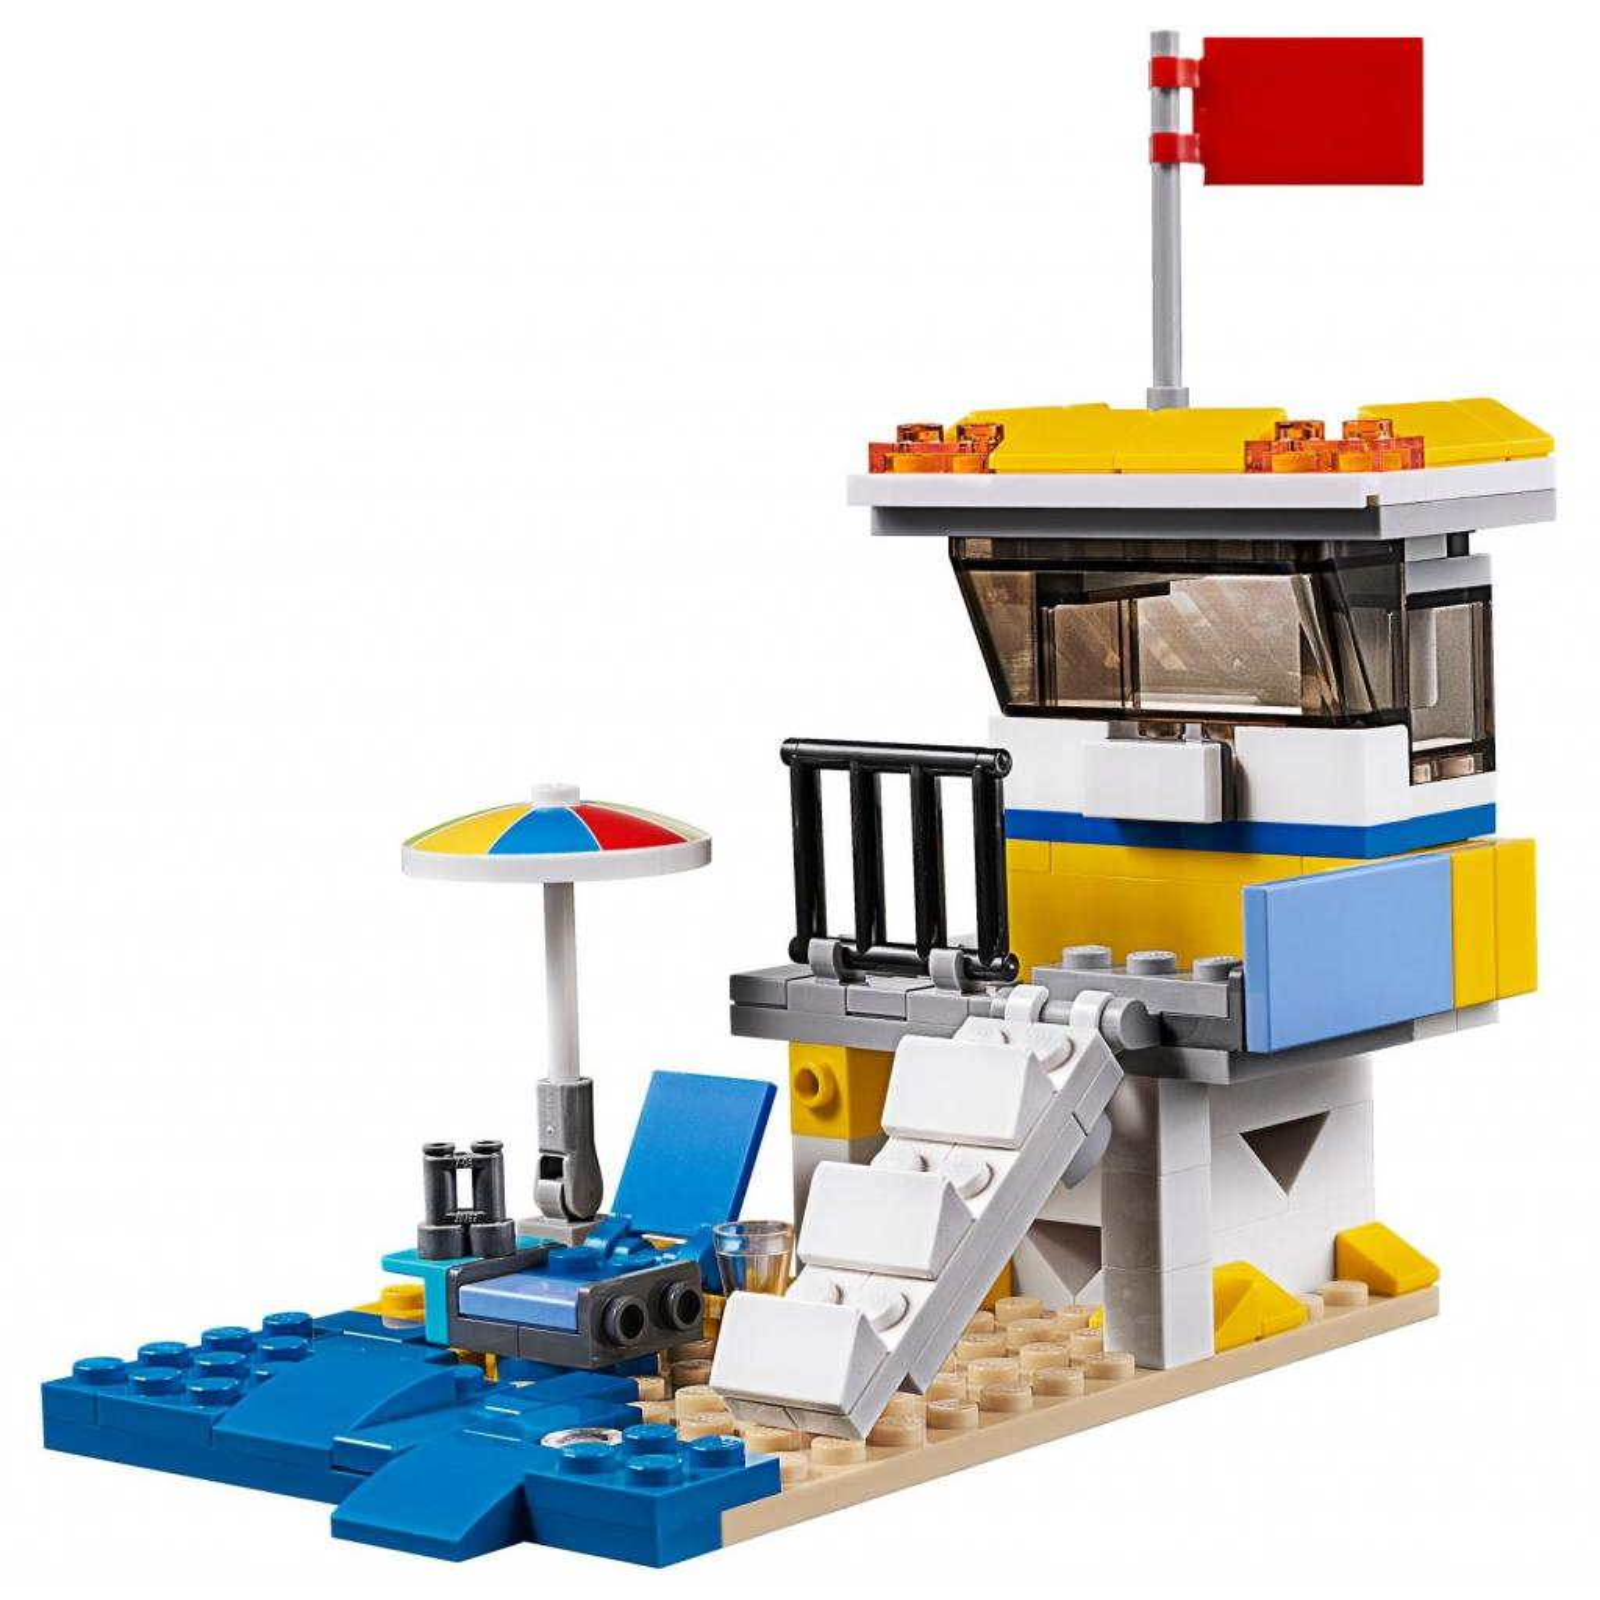 Конструктор LEGO Creator Солнечный фургон серфингиста (31079) изображение 7